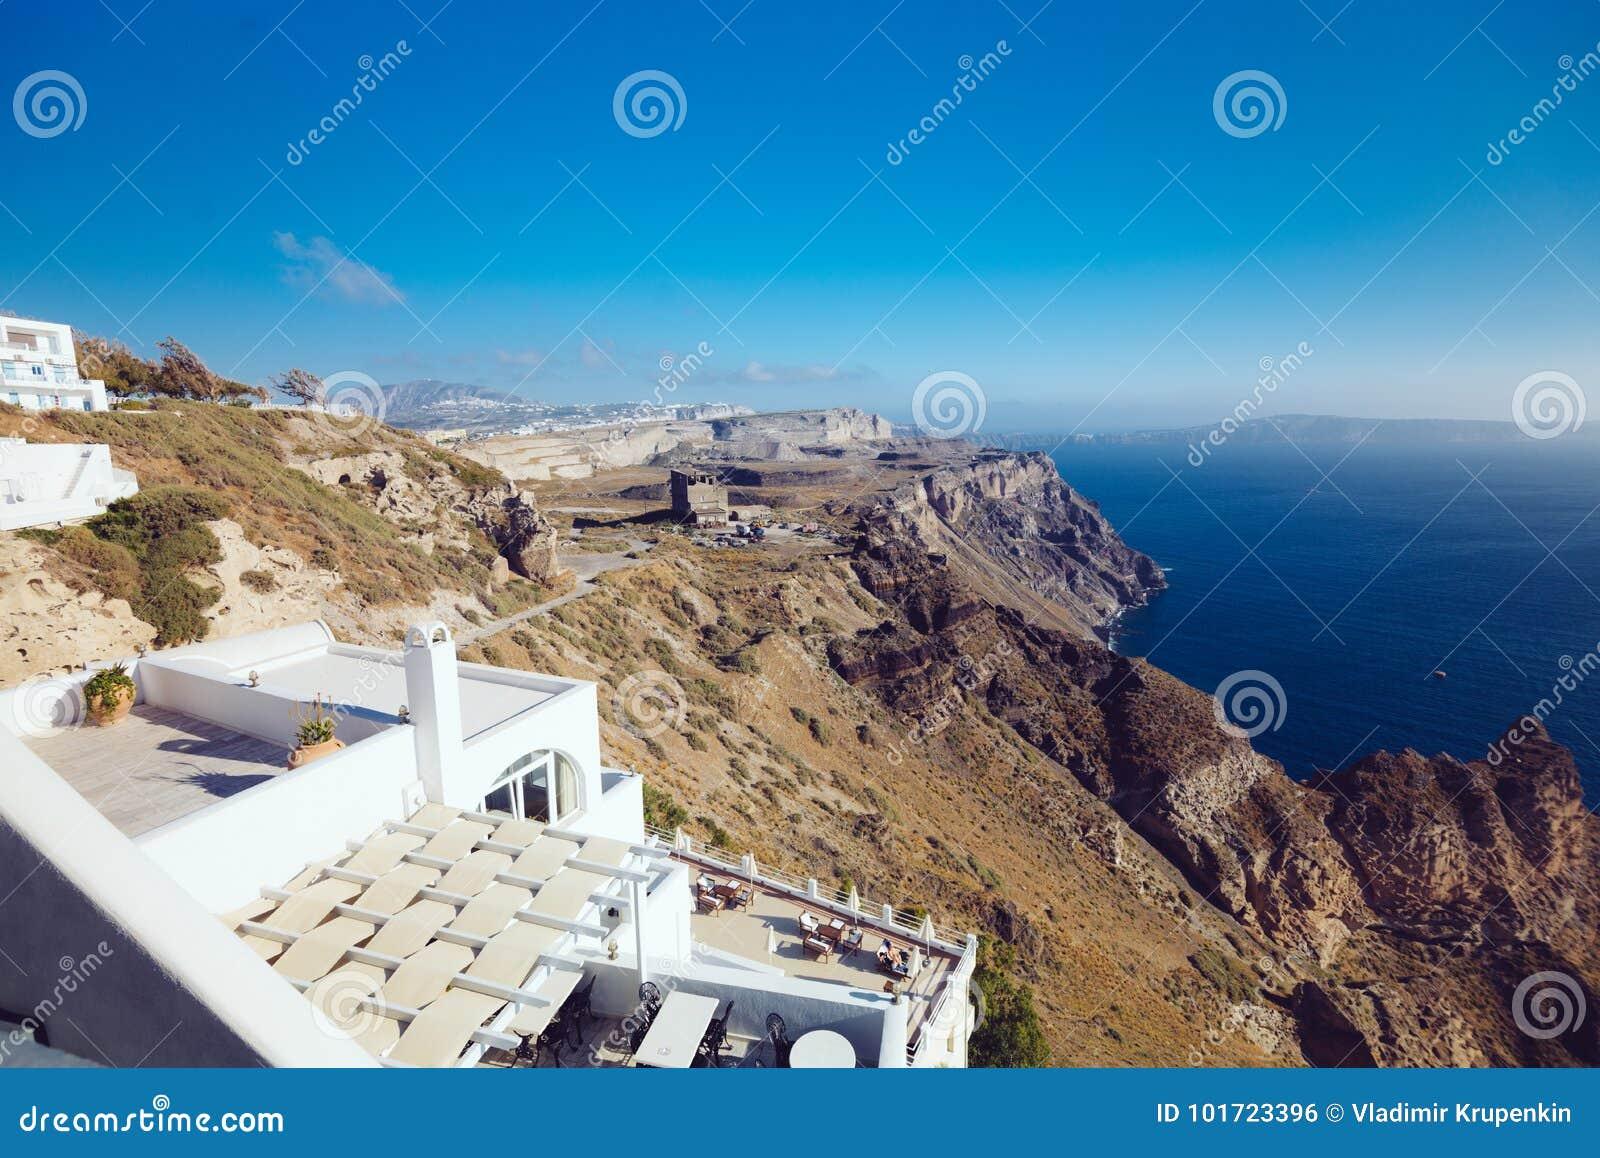 Griechenland Santorini 1 Oktober 2017 Urlaub Machende Leute Auf